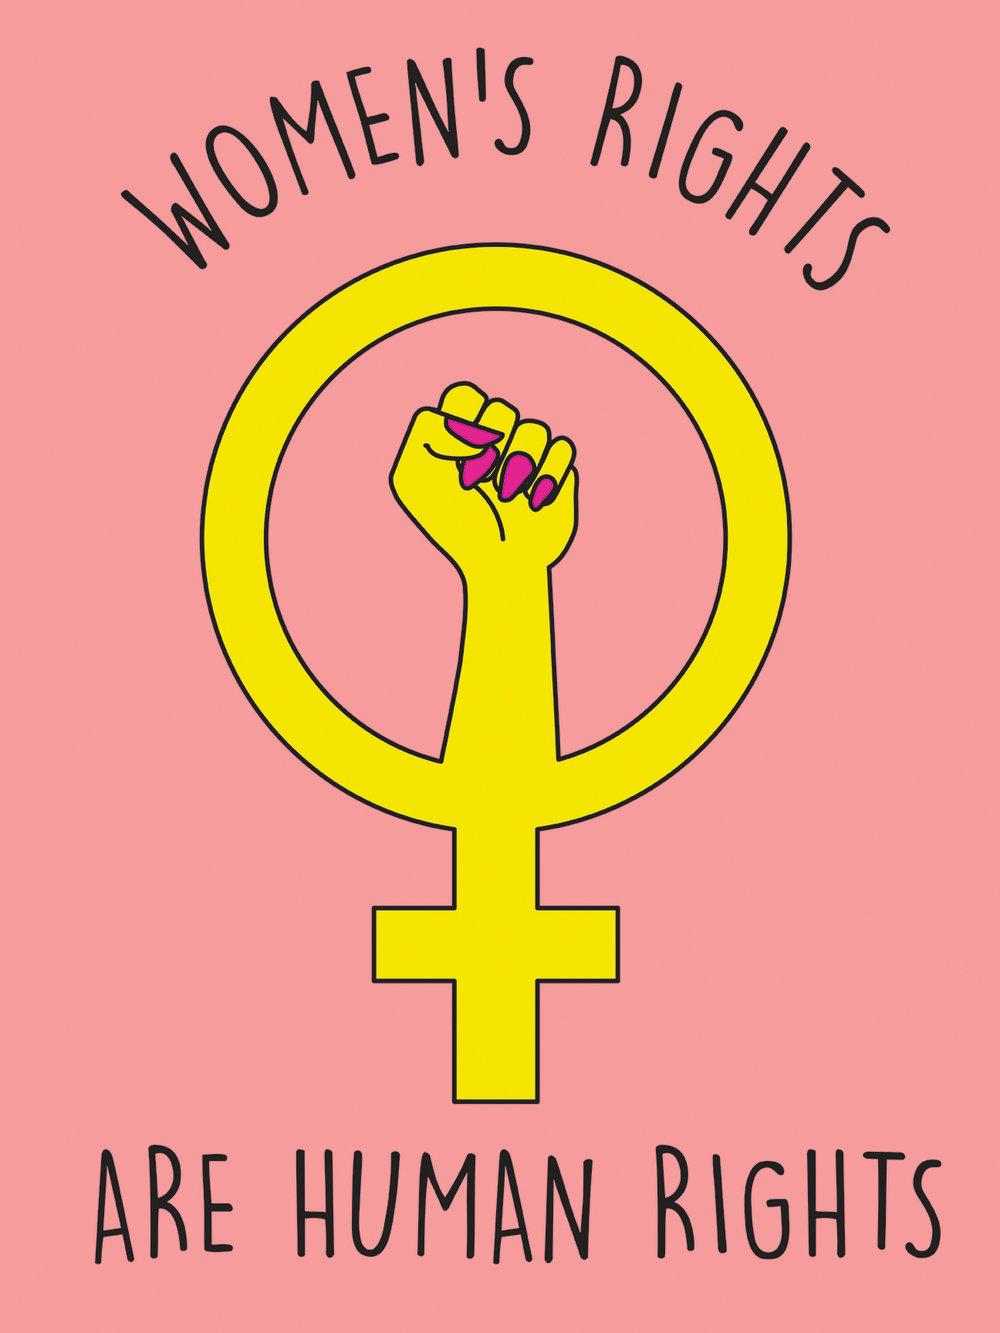 POSTER-WomensRightsAreHumanRights.jpg